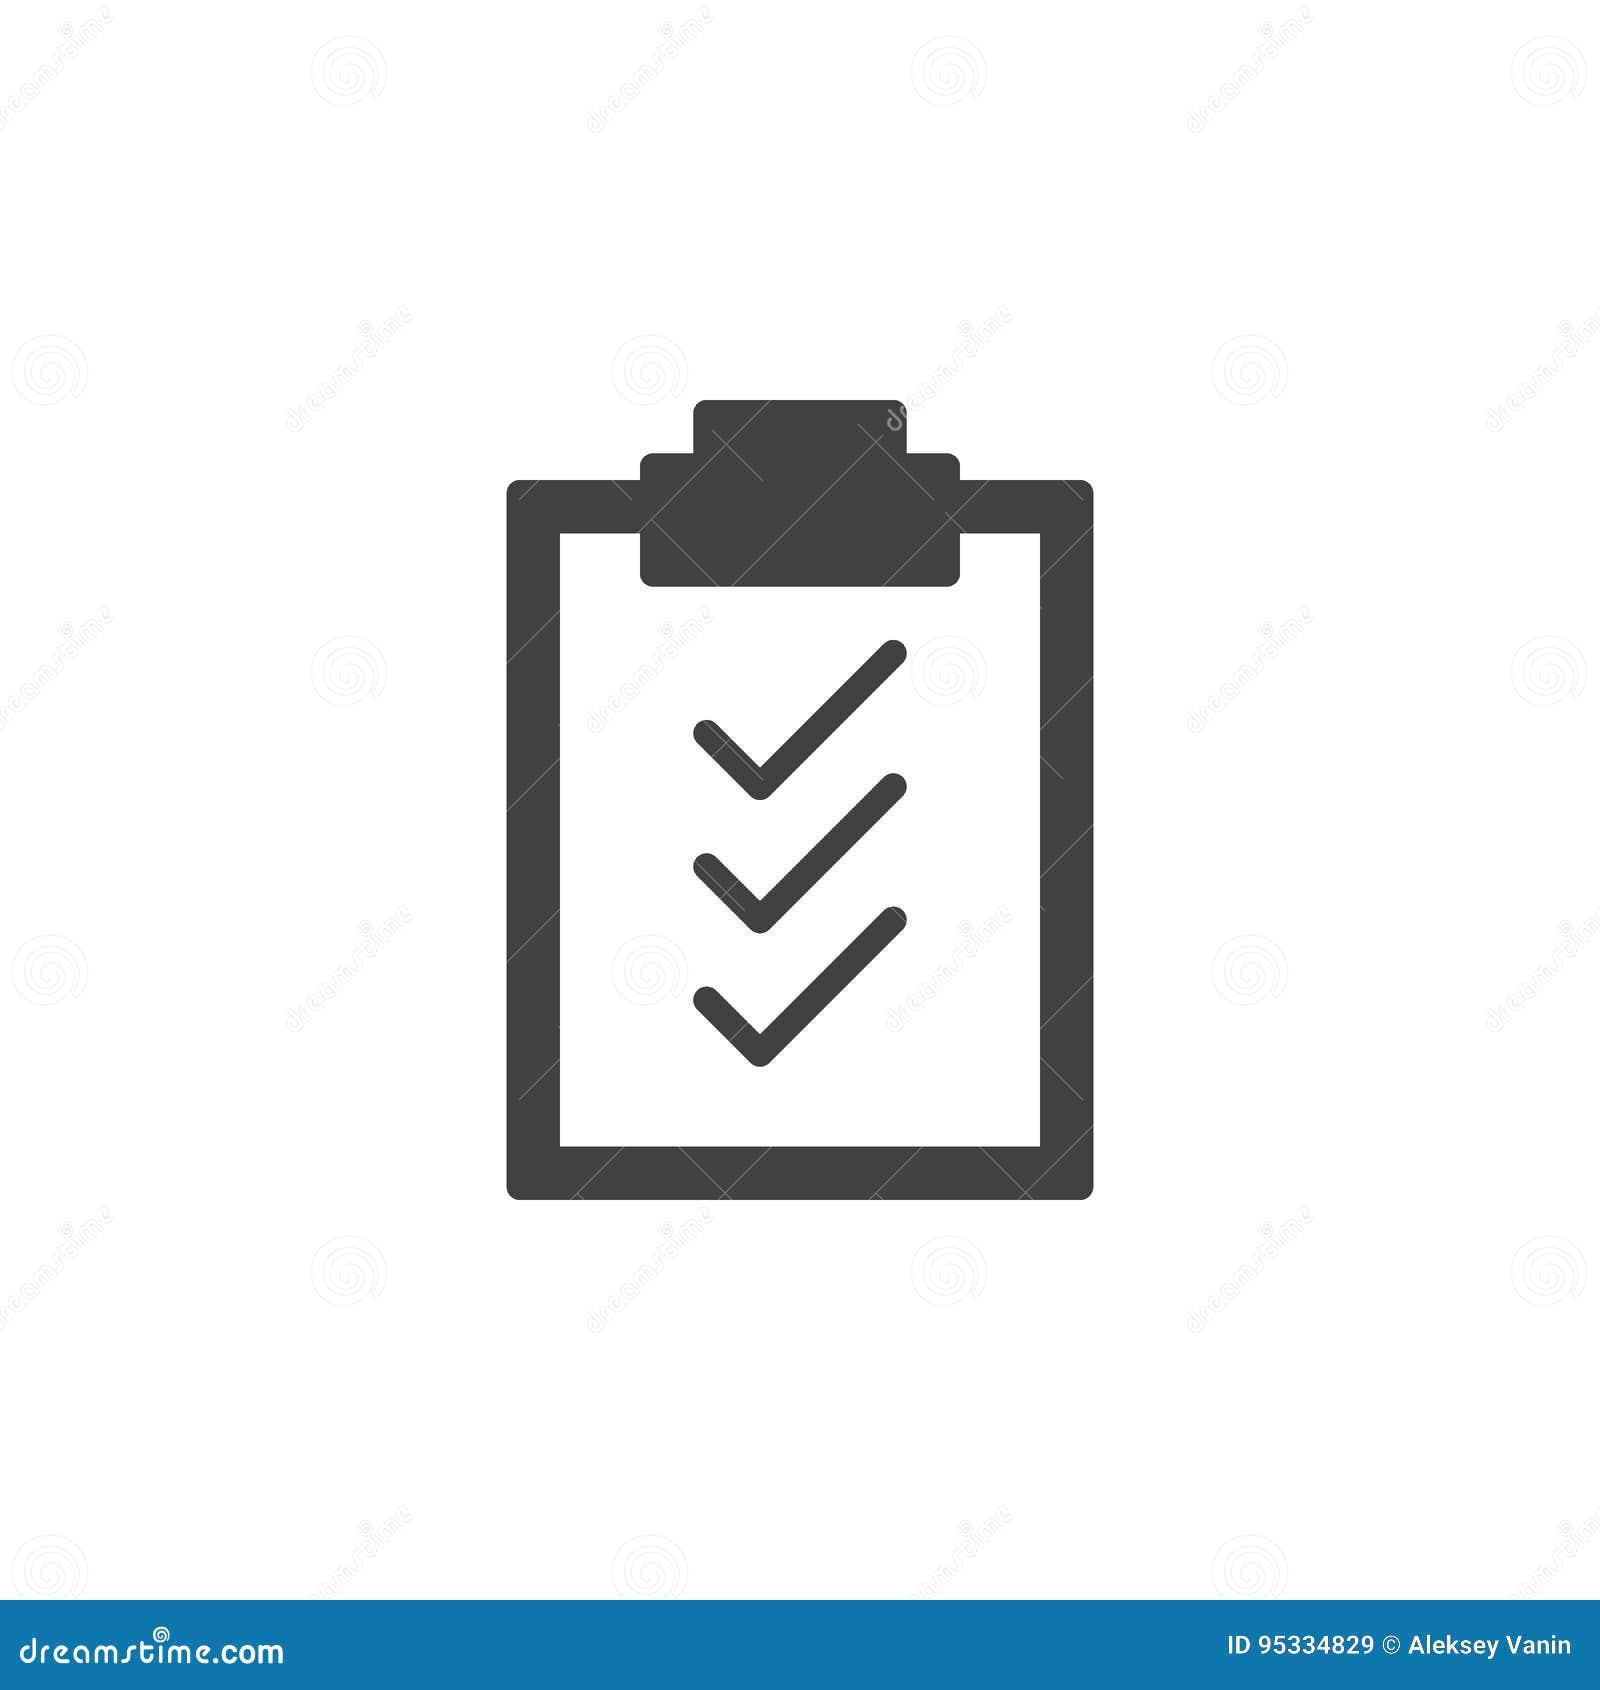 Vektor för symbol för skrivplattakontrollfläckar, fyllt plant tecken, fast pictogram som isoleras på vit